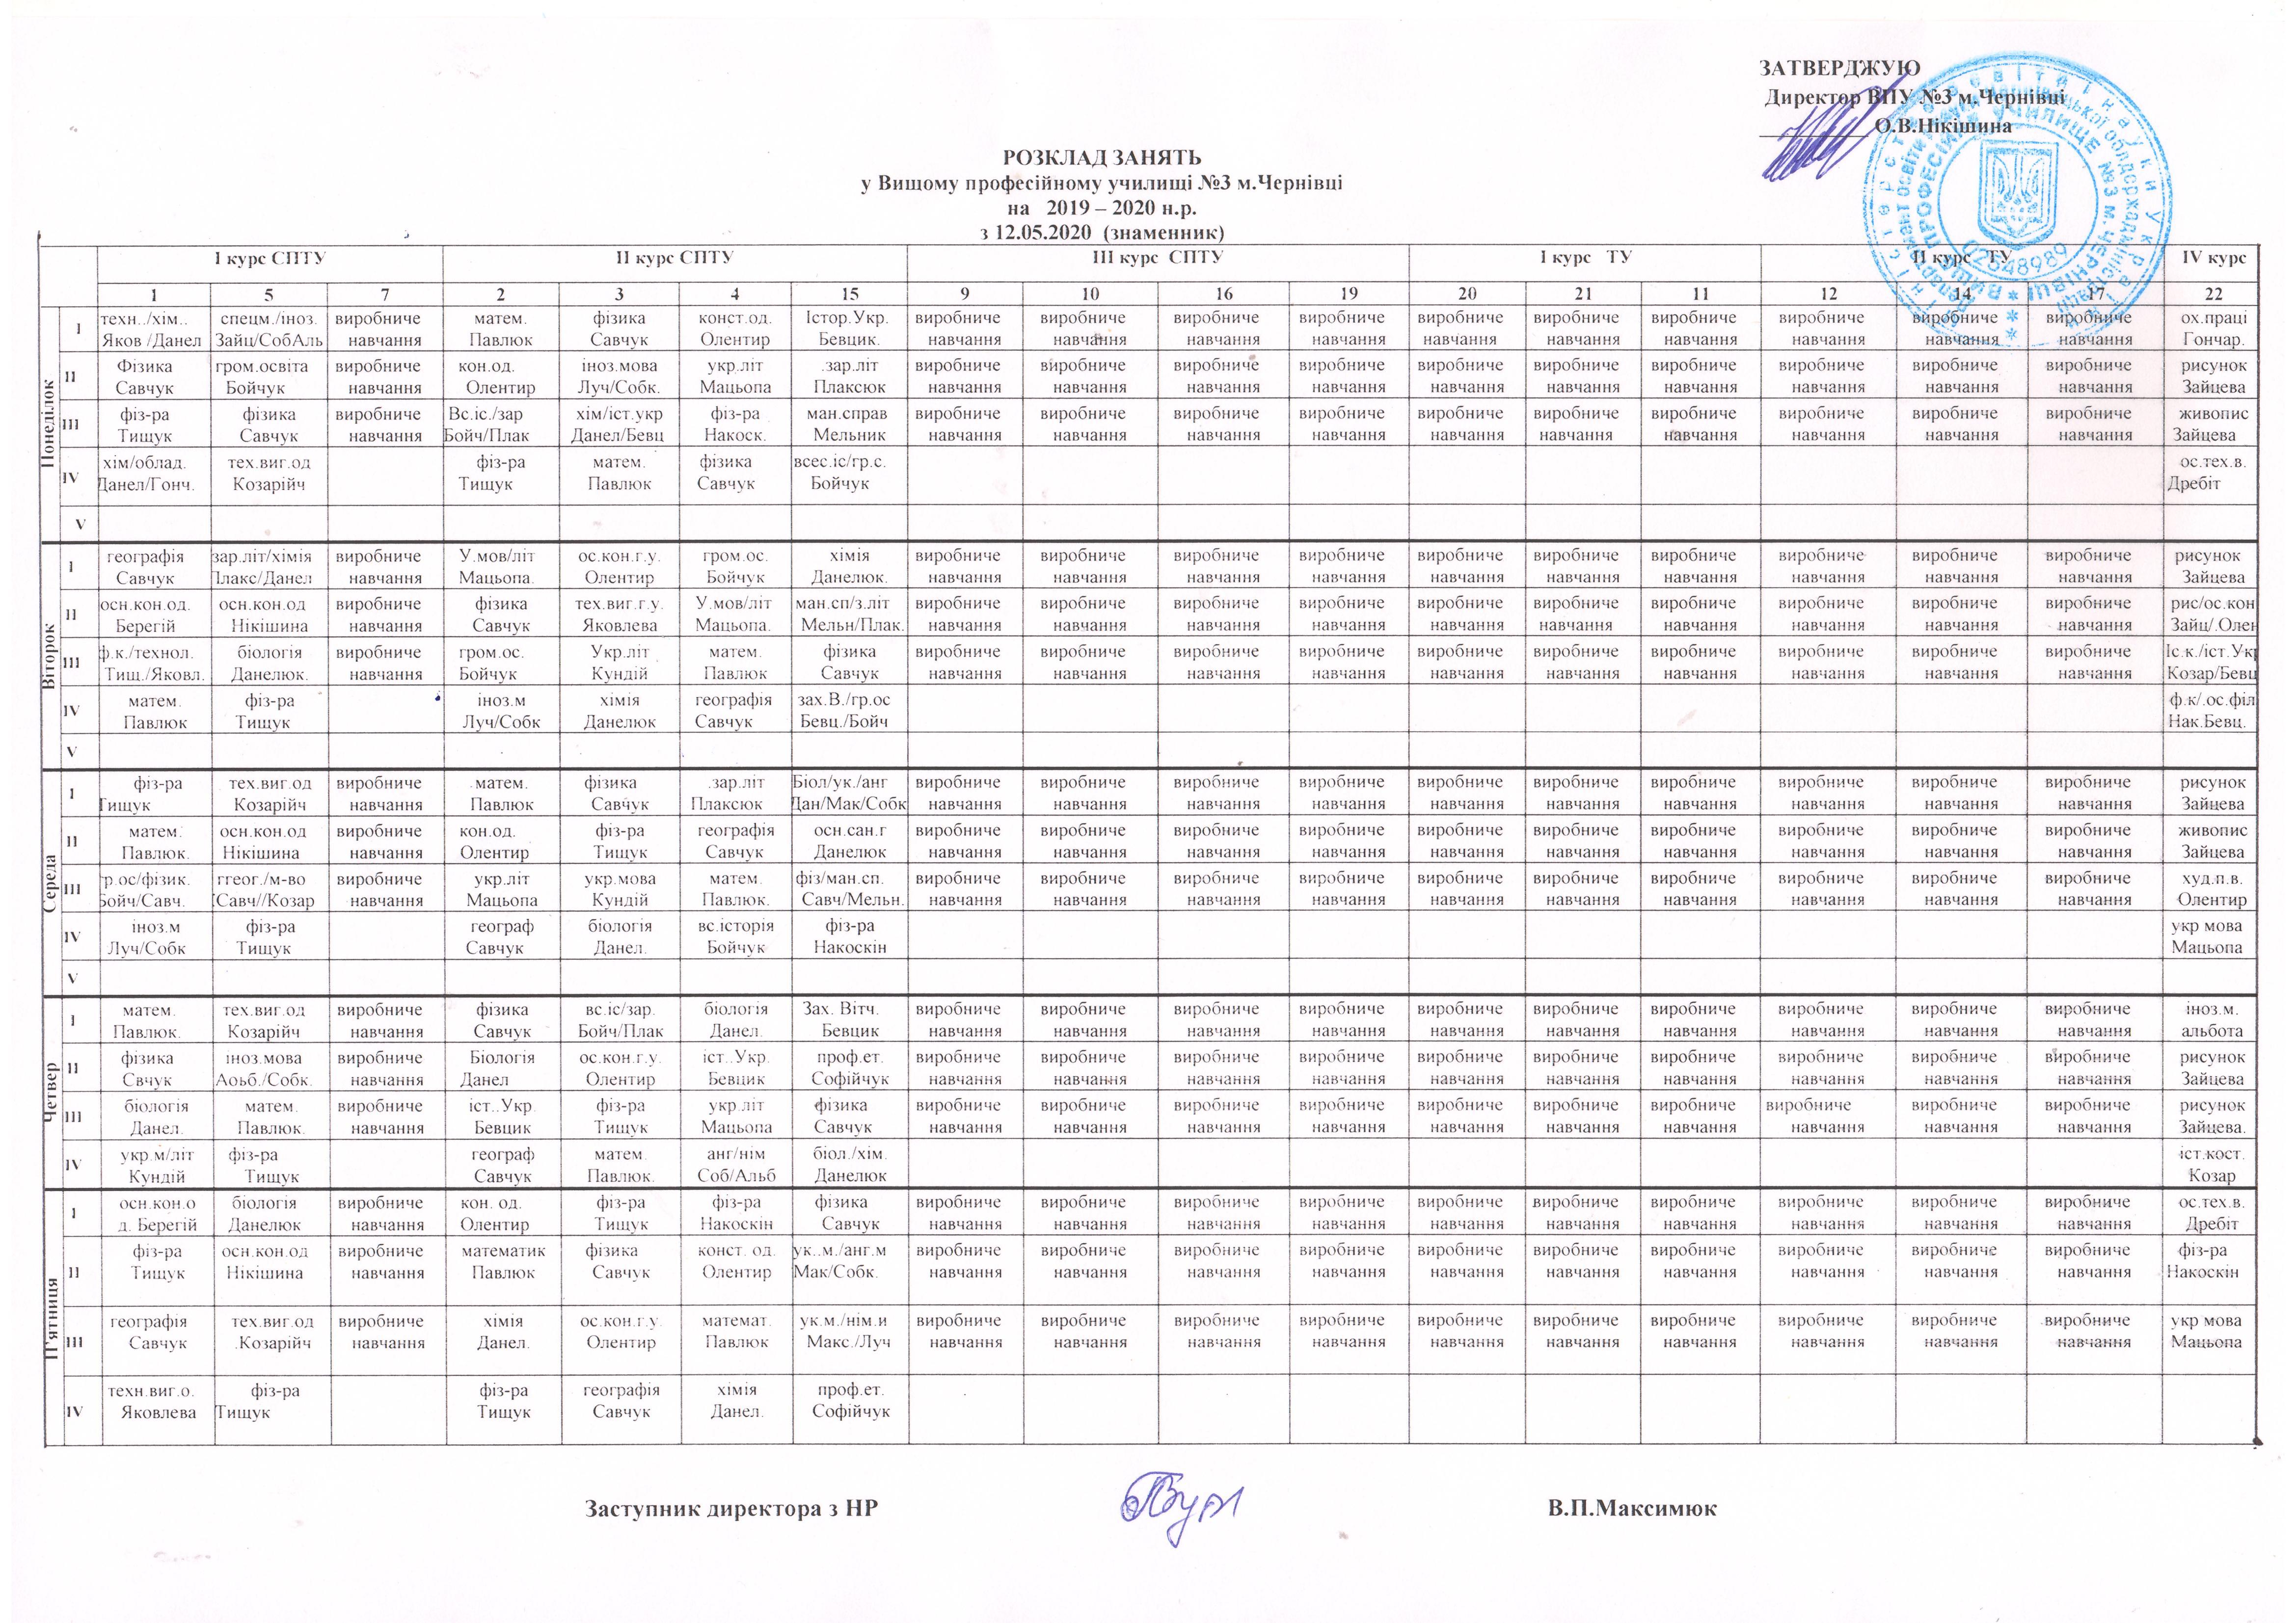 rozklad-zanyat-stanom-na-12-05-2020